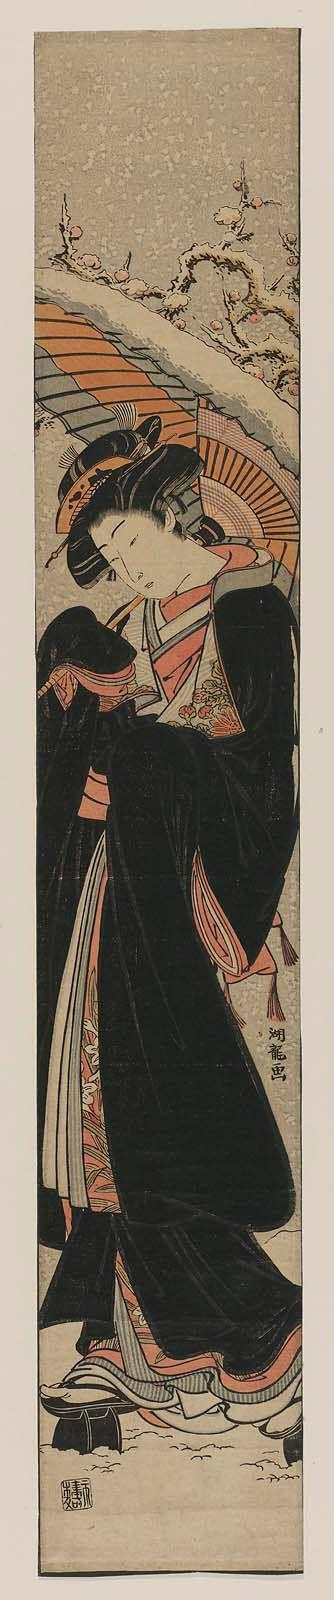 Woman in Black Raincoat (Kappa) Walking in Snow  雪中に黒い合羽の女 Japanese Edo period about 1777 (An'ei 6) Artist Isoda Koryûsai (Japanese, 1735–1790)